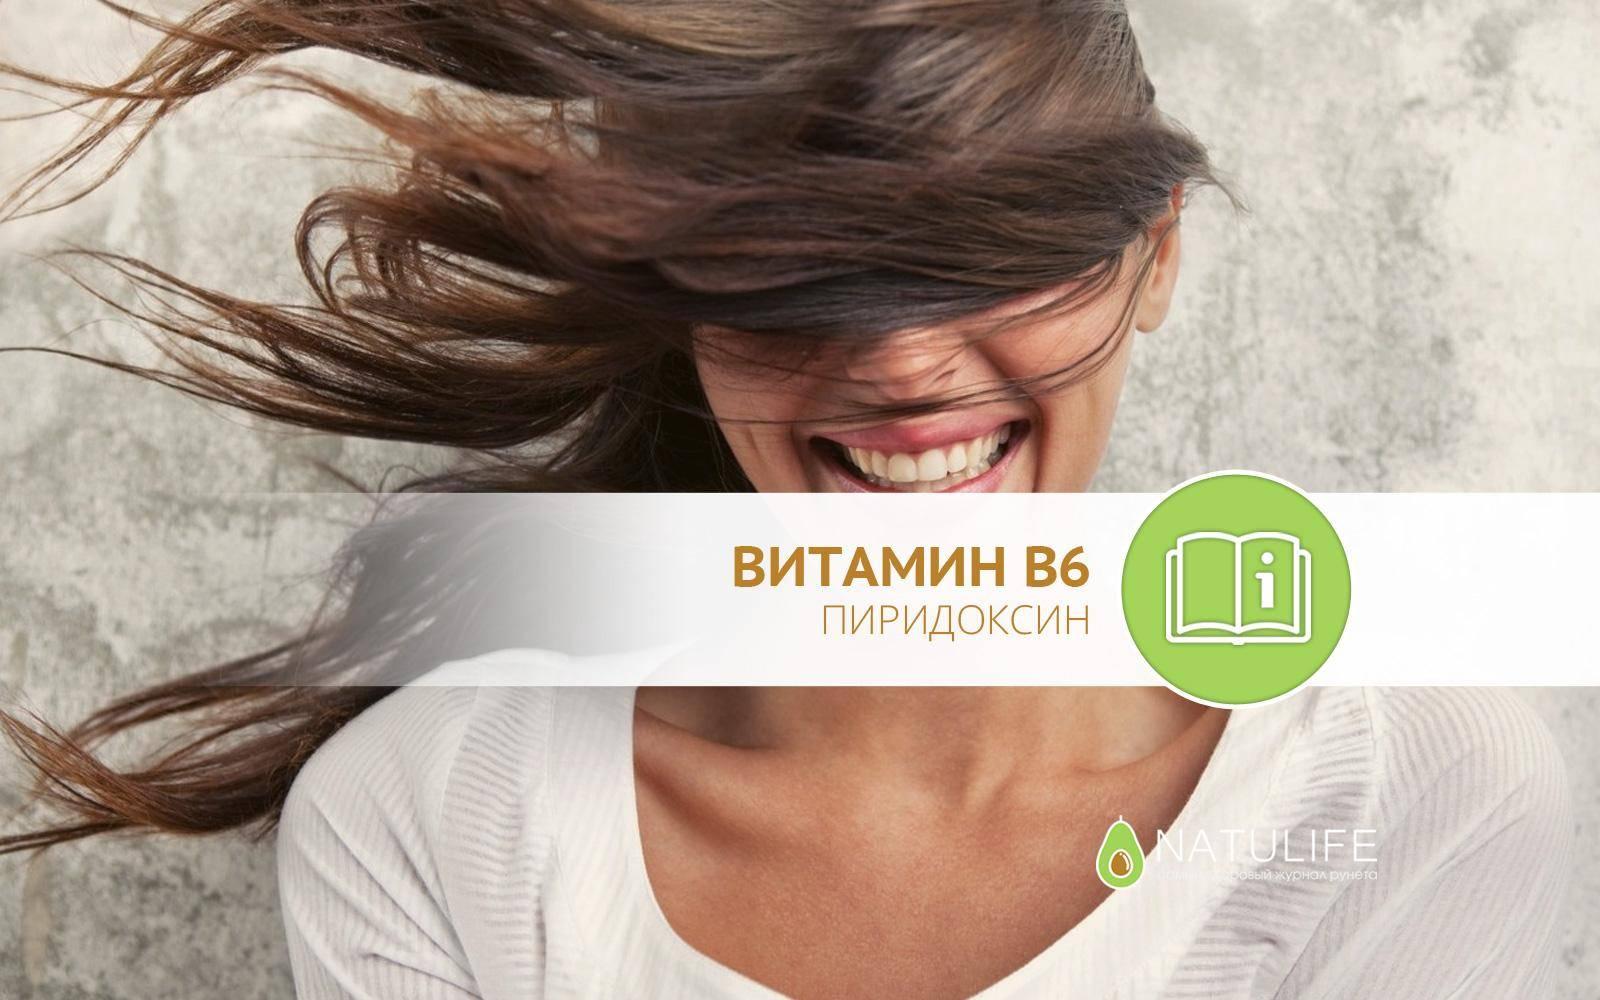 Применение витамина пиридоксин в ампулах для волос